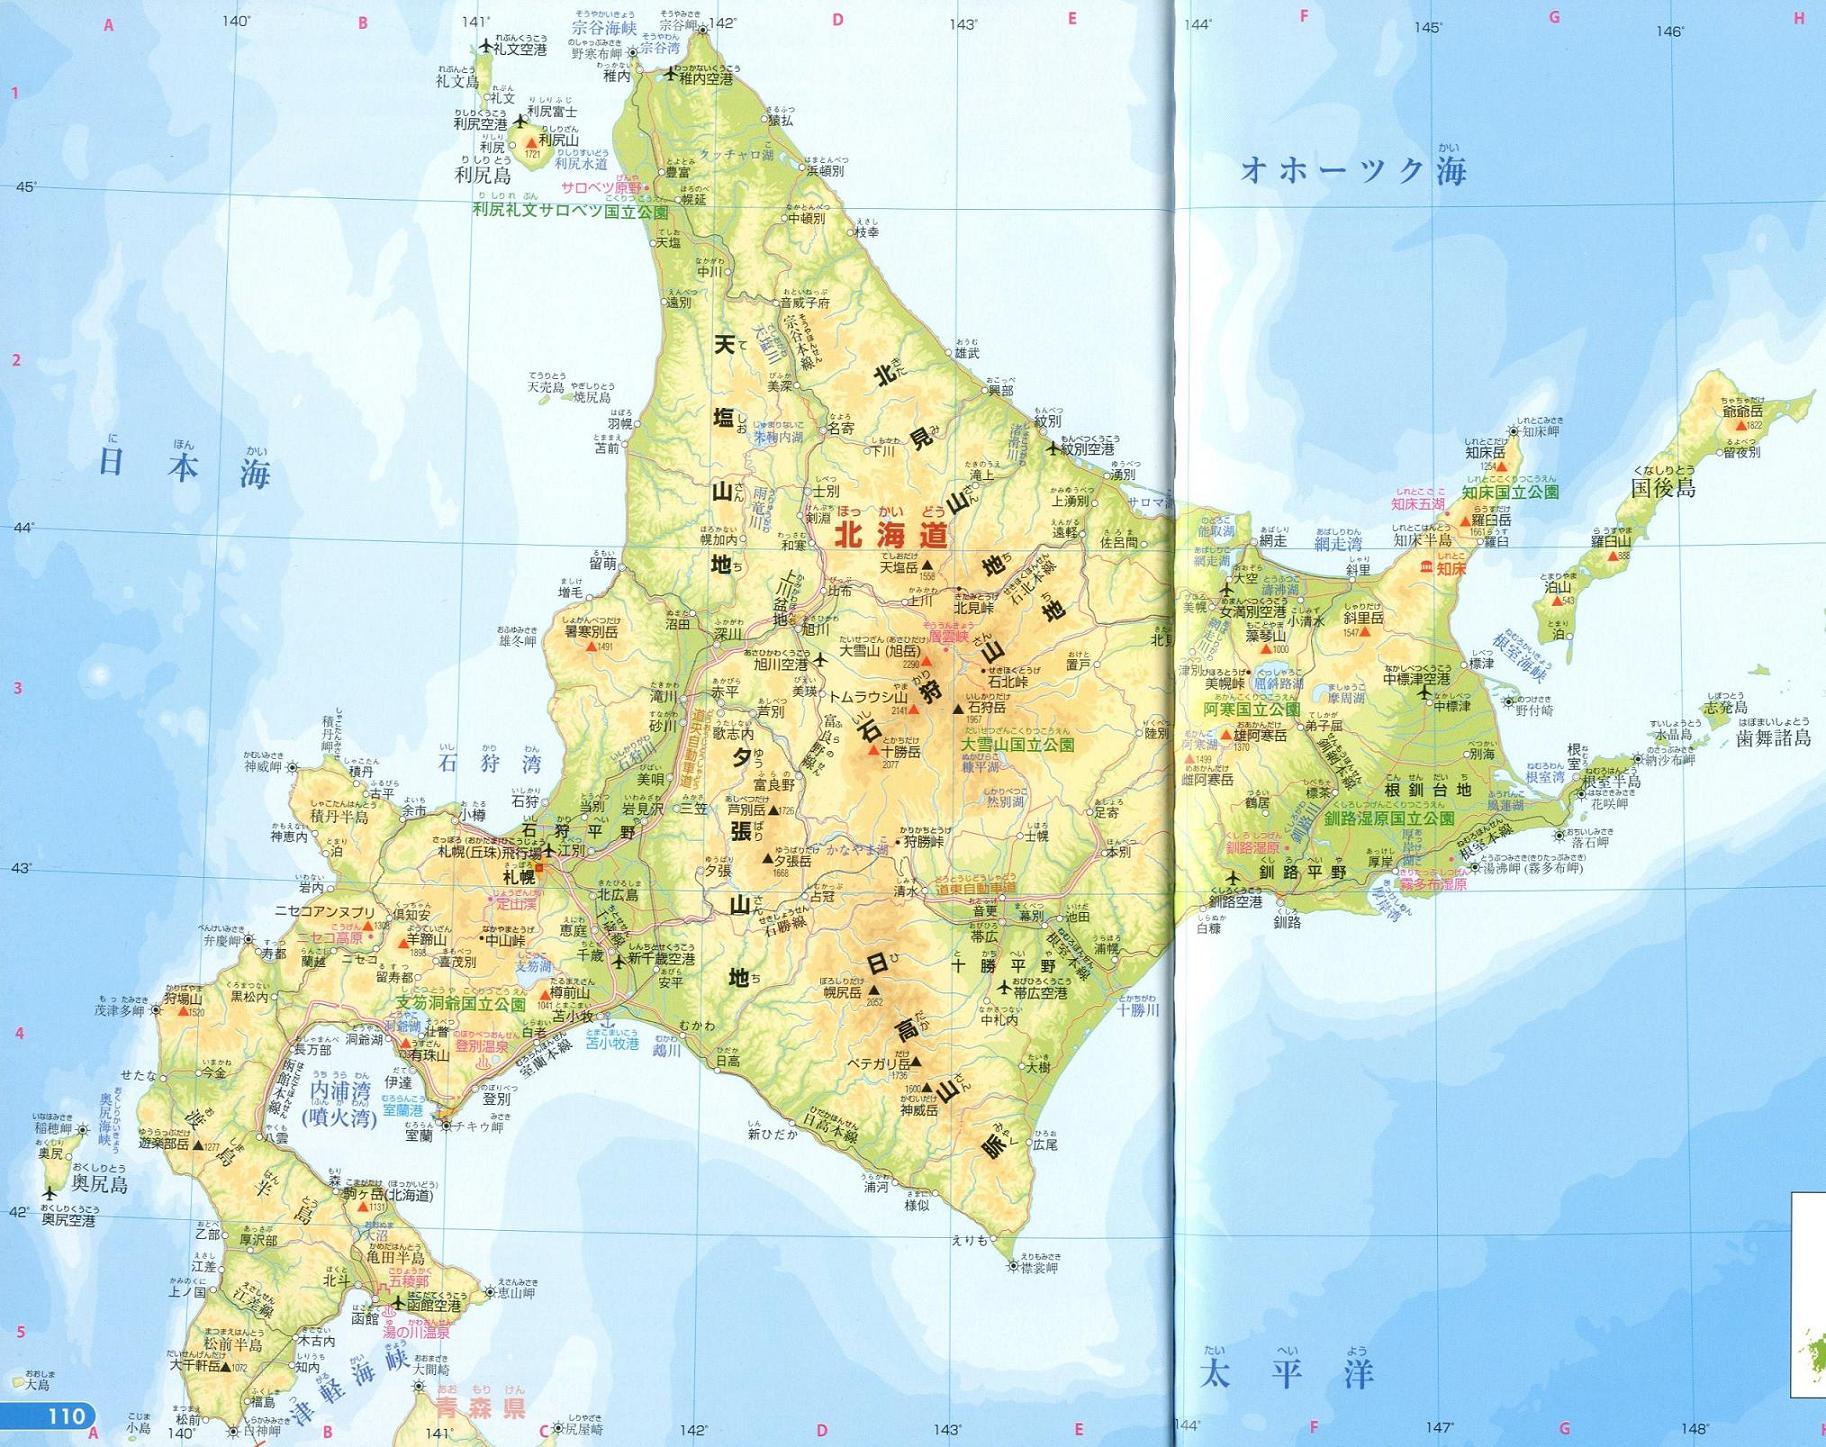 やまちゃんちのミニトマト : 日本ちず : 日本